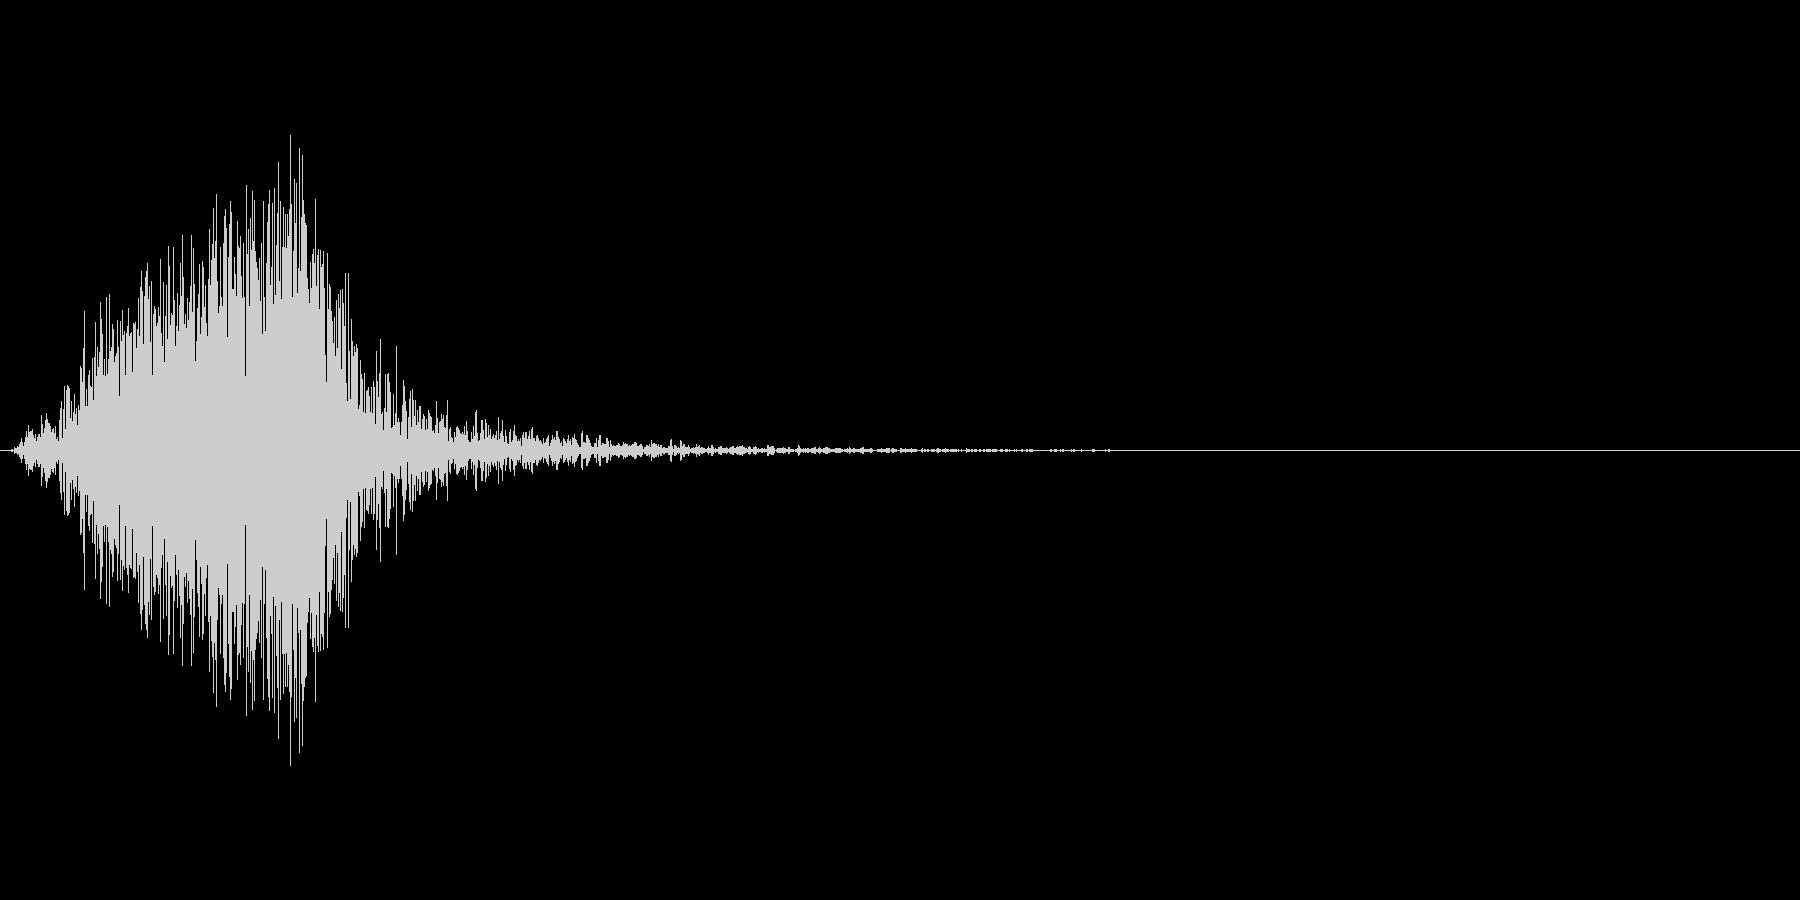 【SE】風切り音片手剣、ソード等03の未再生の波形